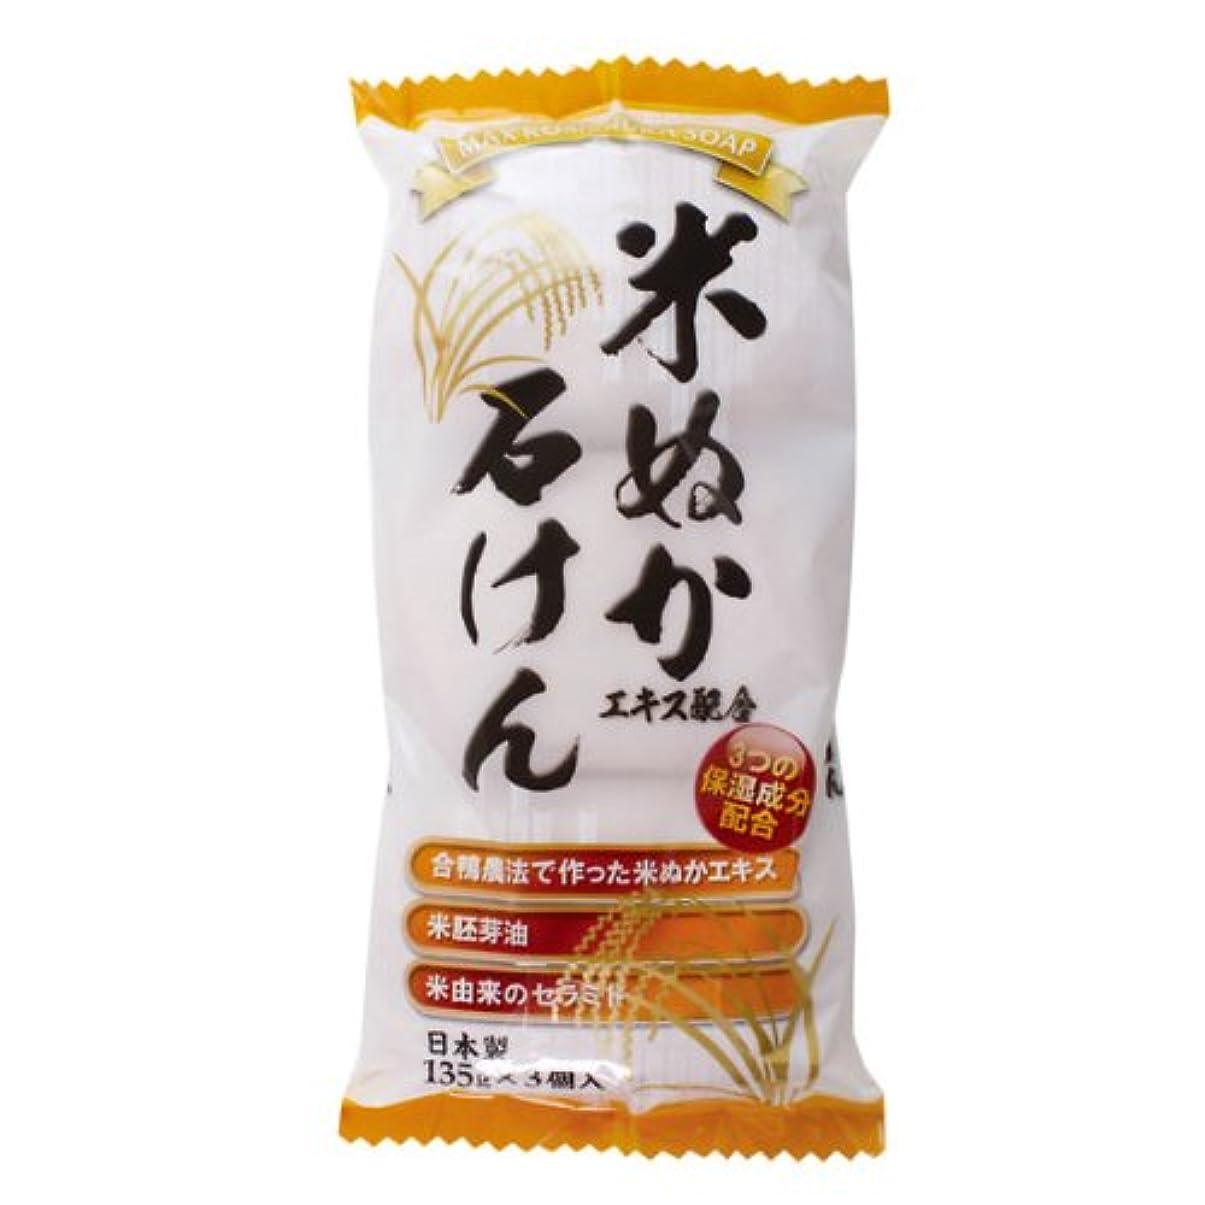 する必要があるアクチュエータお手伝いさん米ぬかエキス配合石けん 3個入 135g×3個